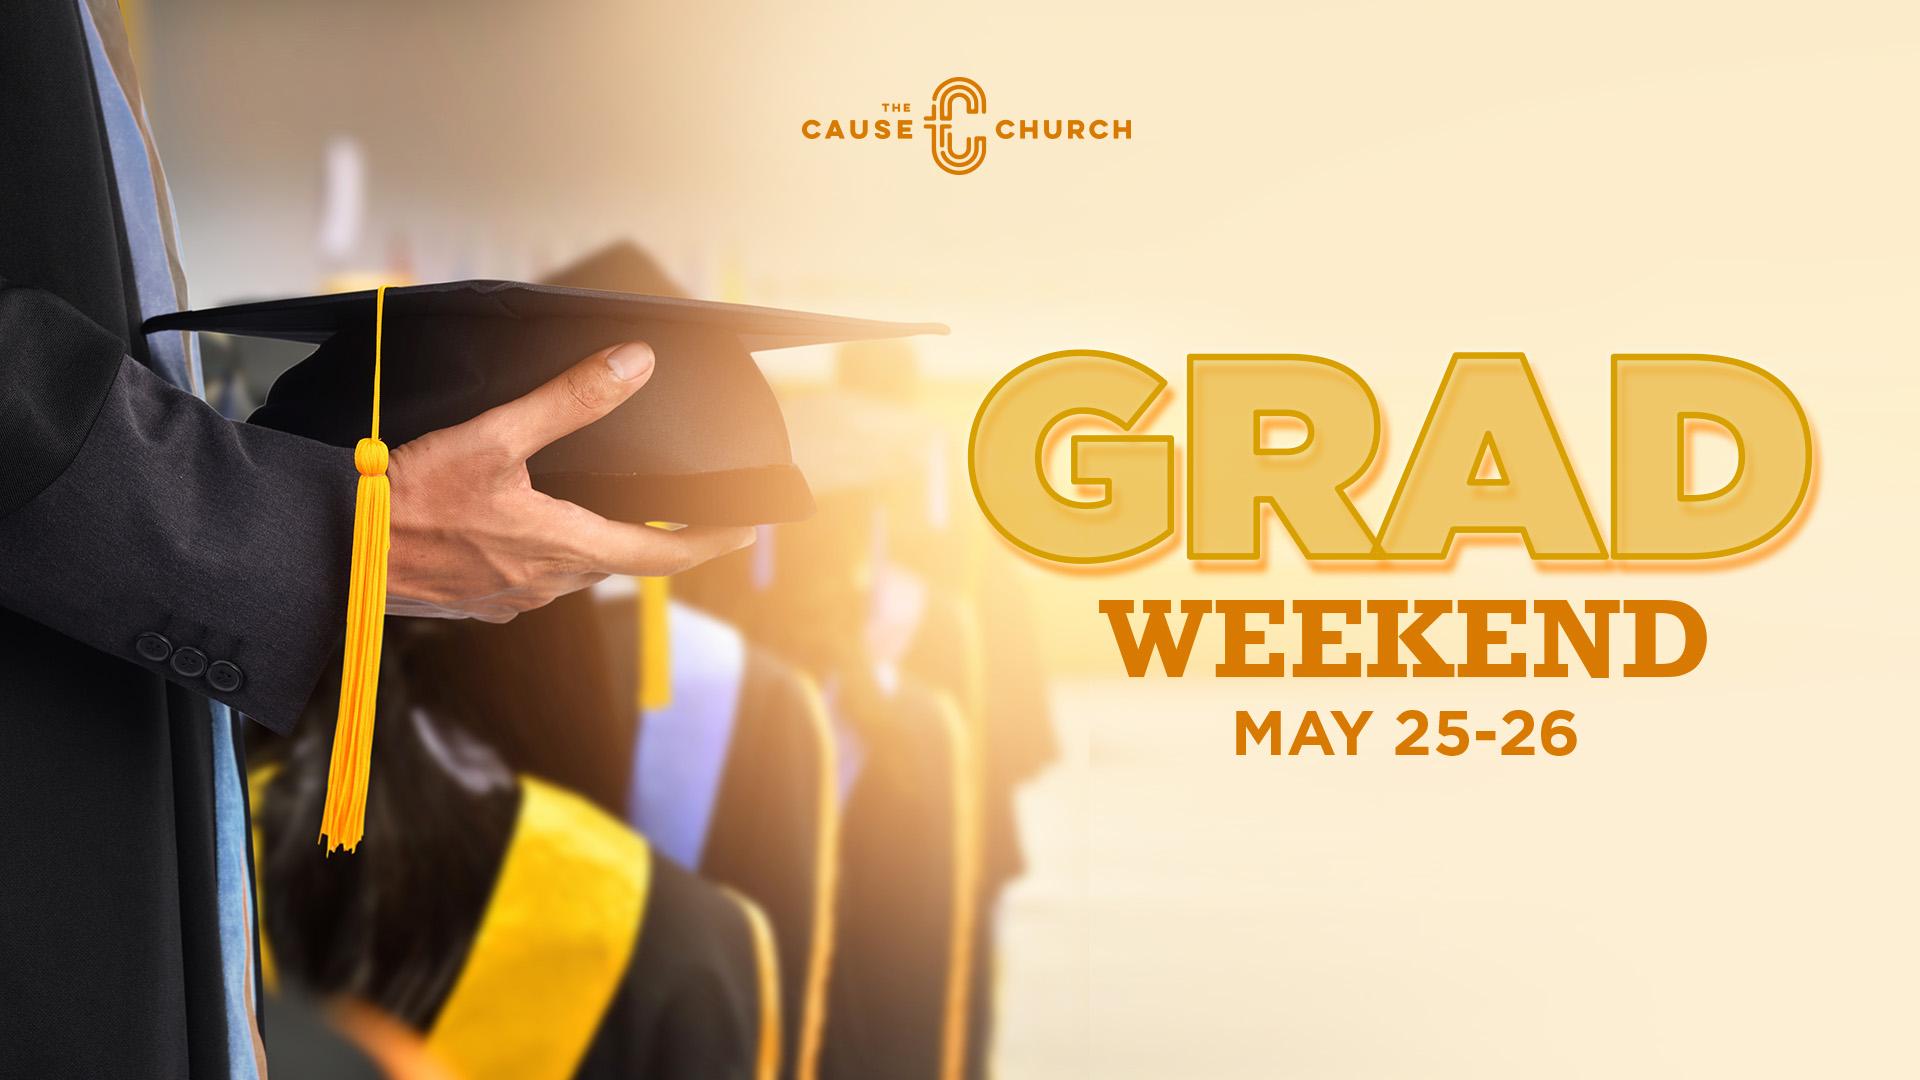 Grad Weekend 2019 The Cause Church Brea, CA